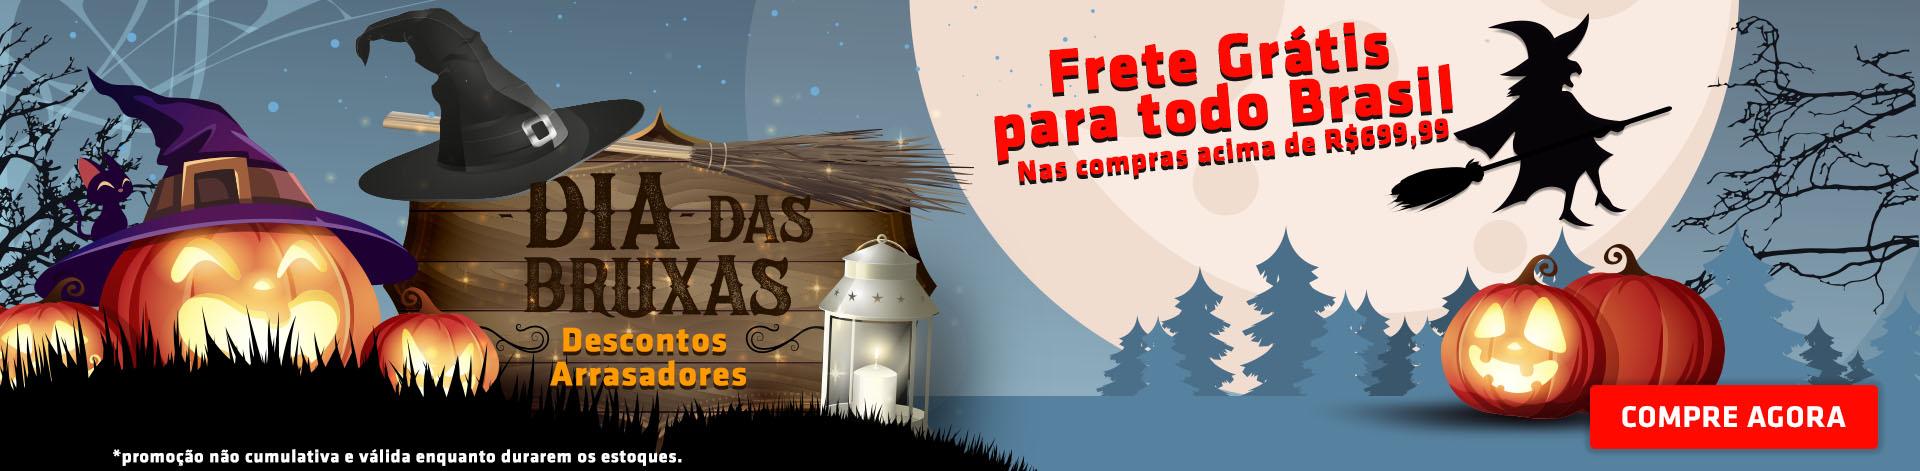 Frete Grátis para todo Brasil acima de R$699,99 - SDSOPRO-49